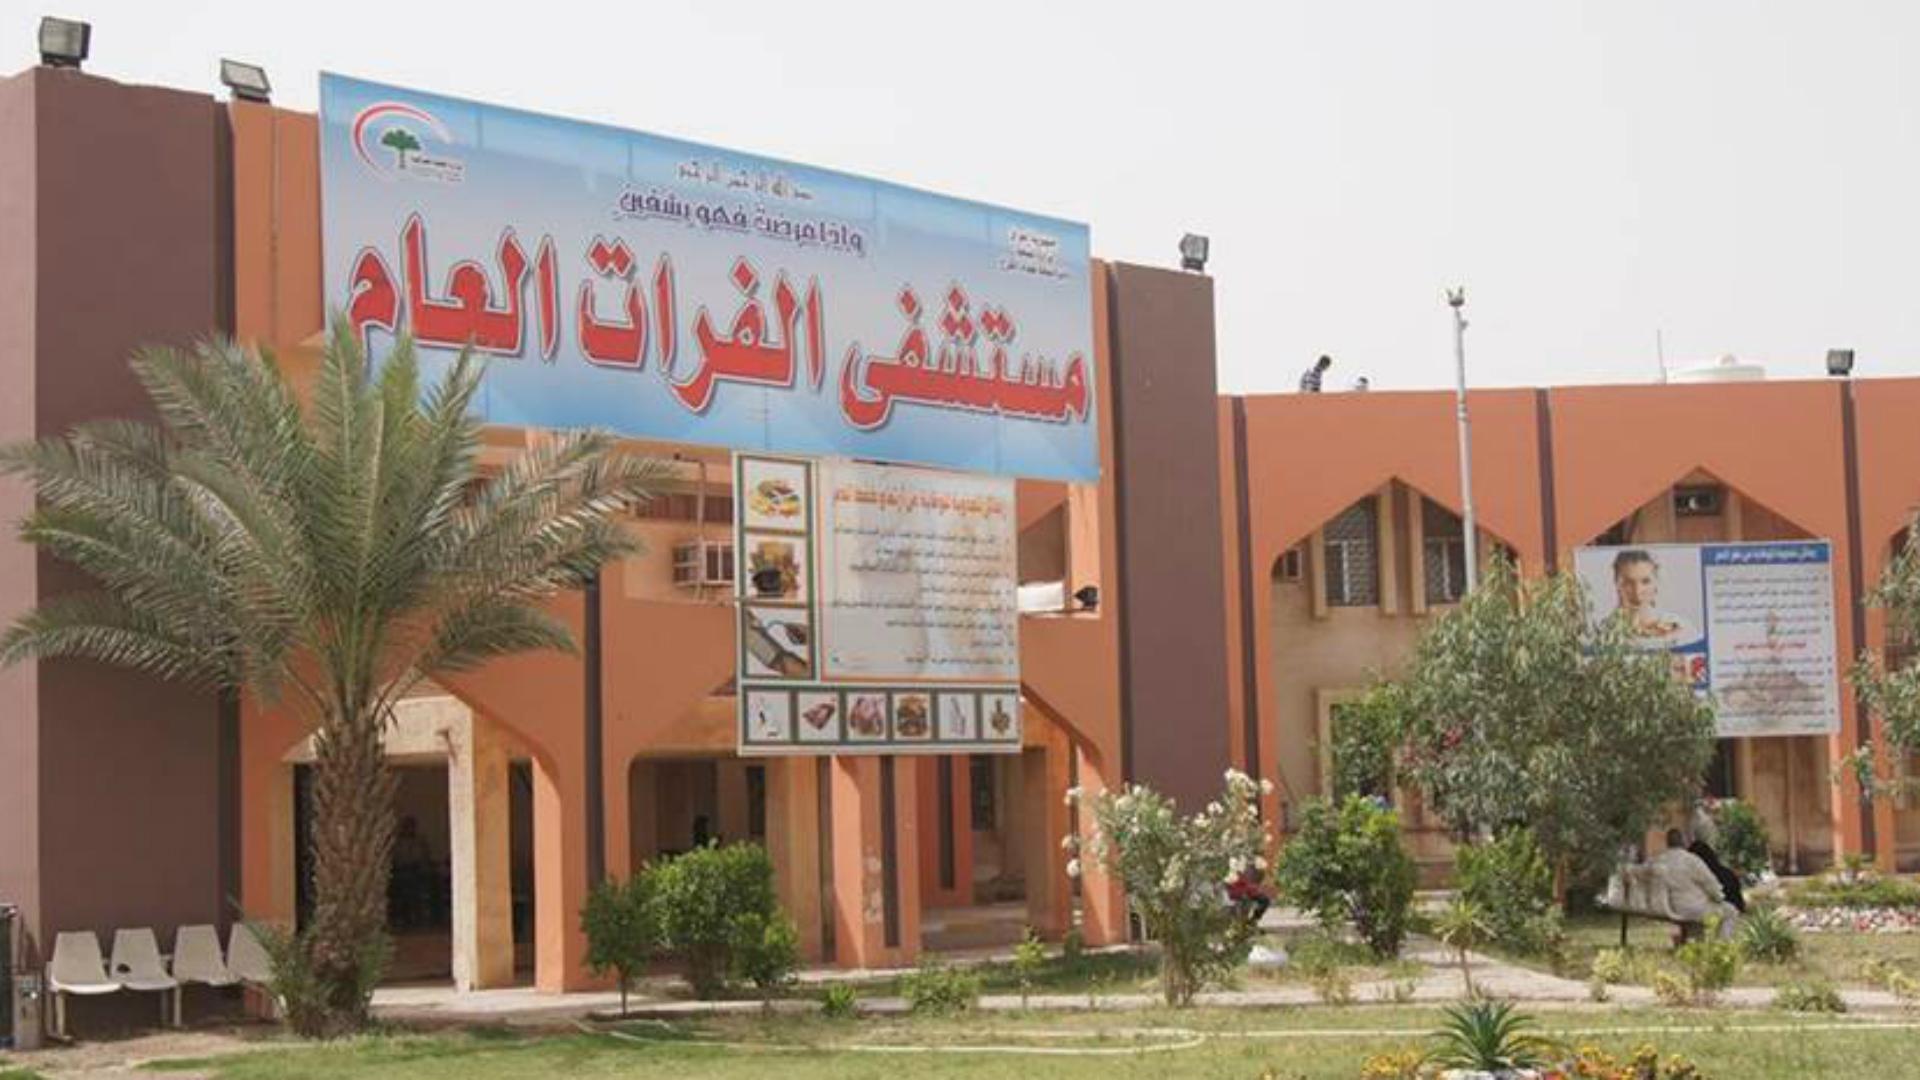 ارتداء البرمودا يتسبب بمنع مريض من دخول مستشفى ببغداد